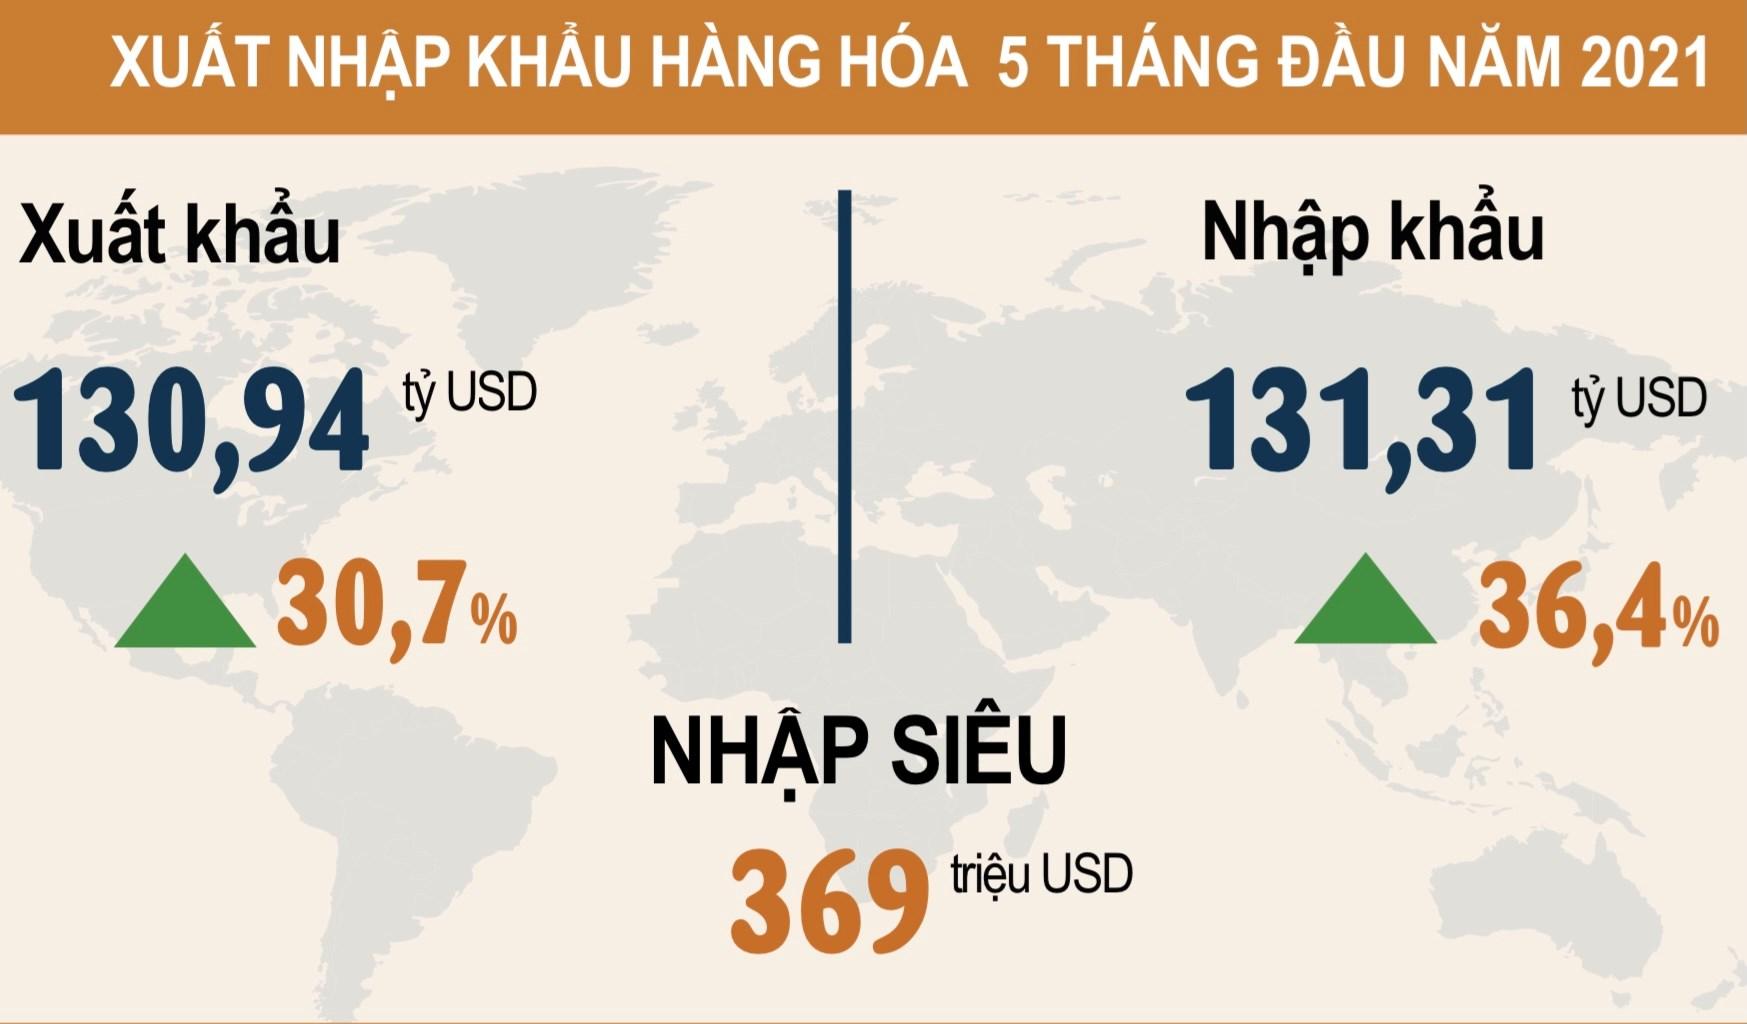 Việt Nam nhập siêu hàng hóa 369 triệu USD